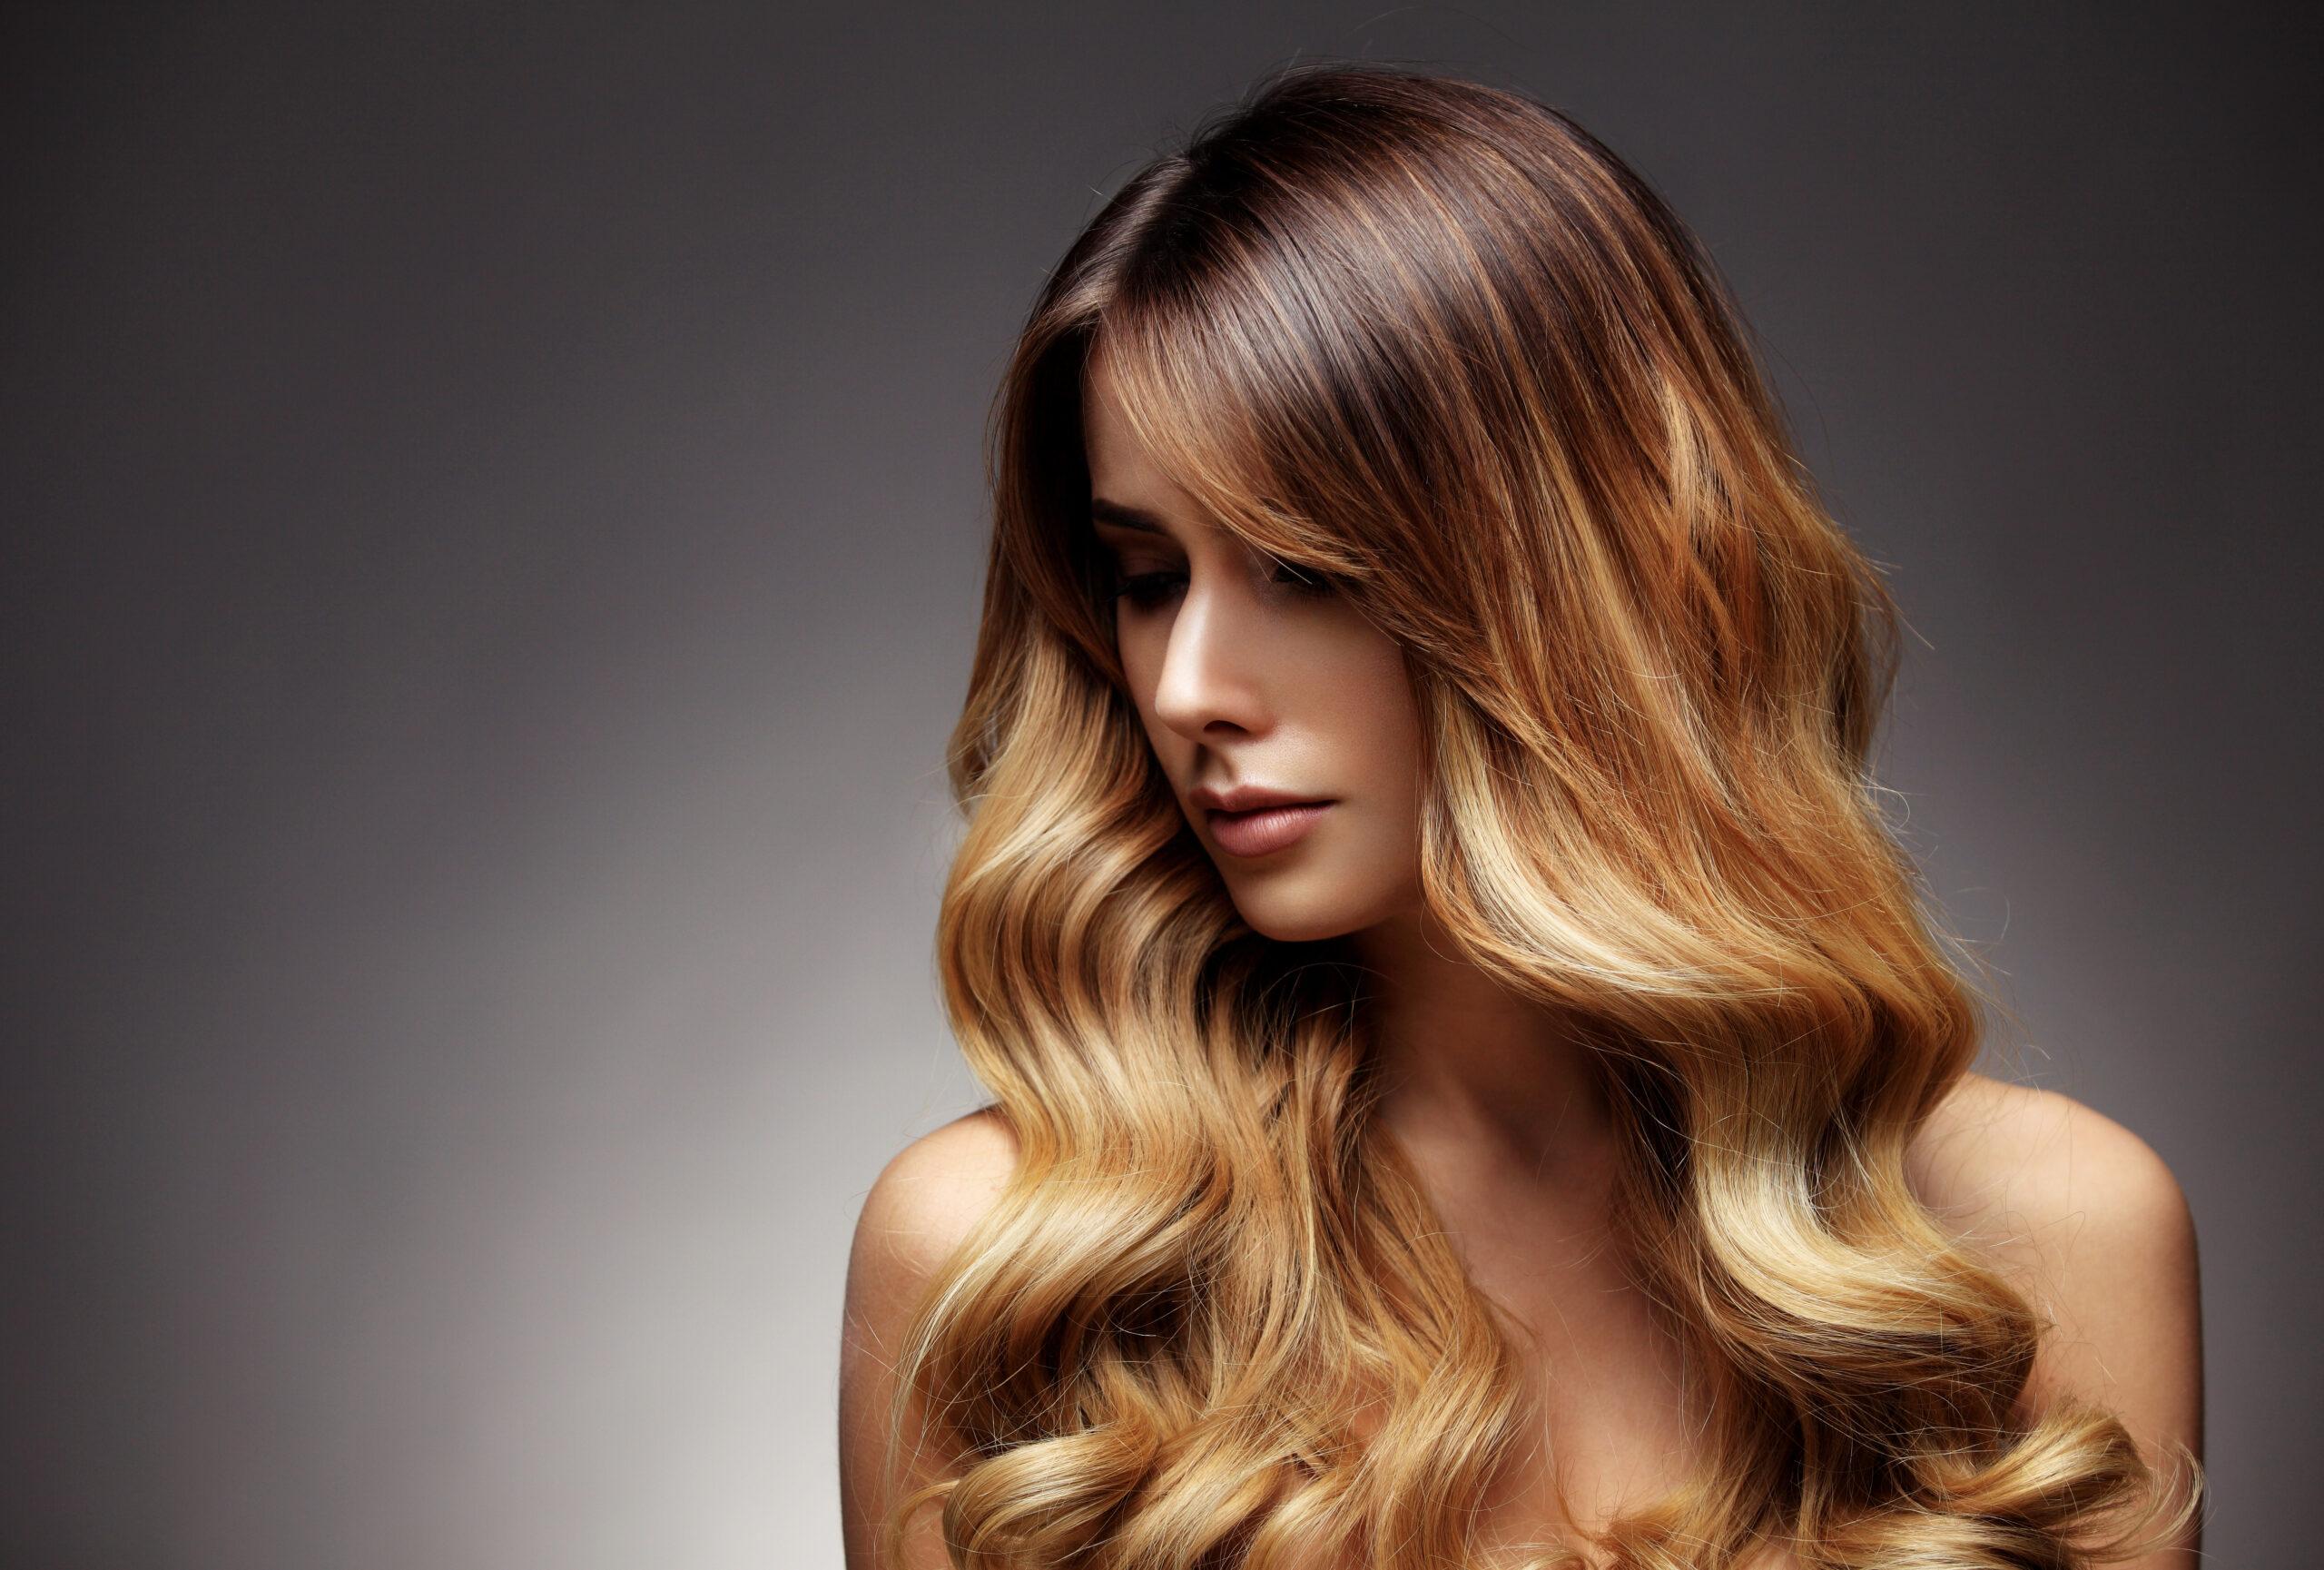 Coloration Friseur Bonn - brunett - blond